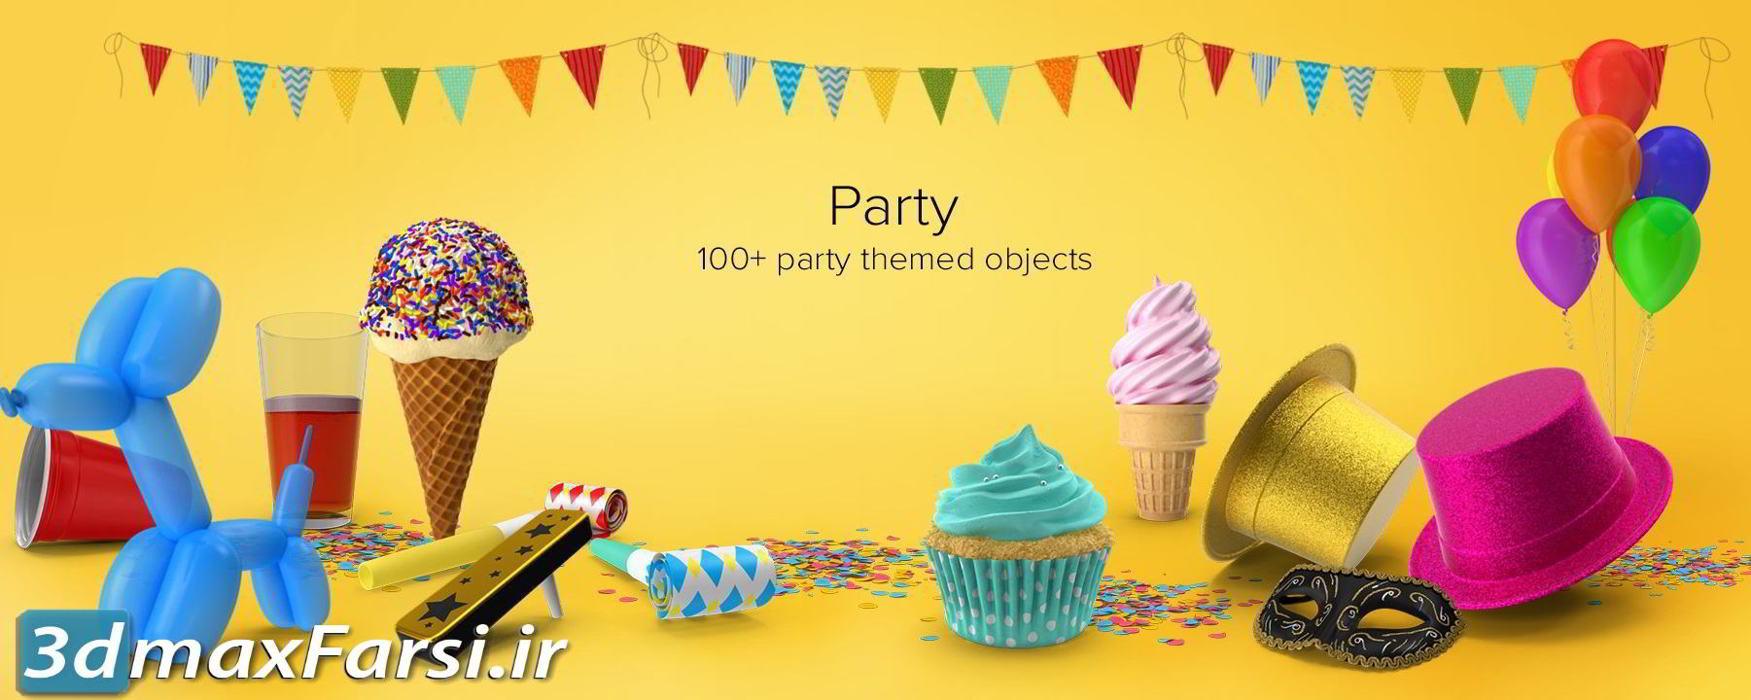 دانلود عکس گرافیکی پارتی و جشن تولد PixelSquid Party Collection